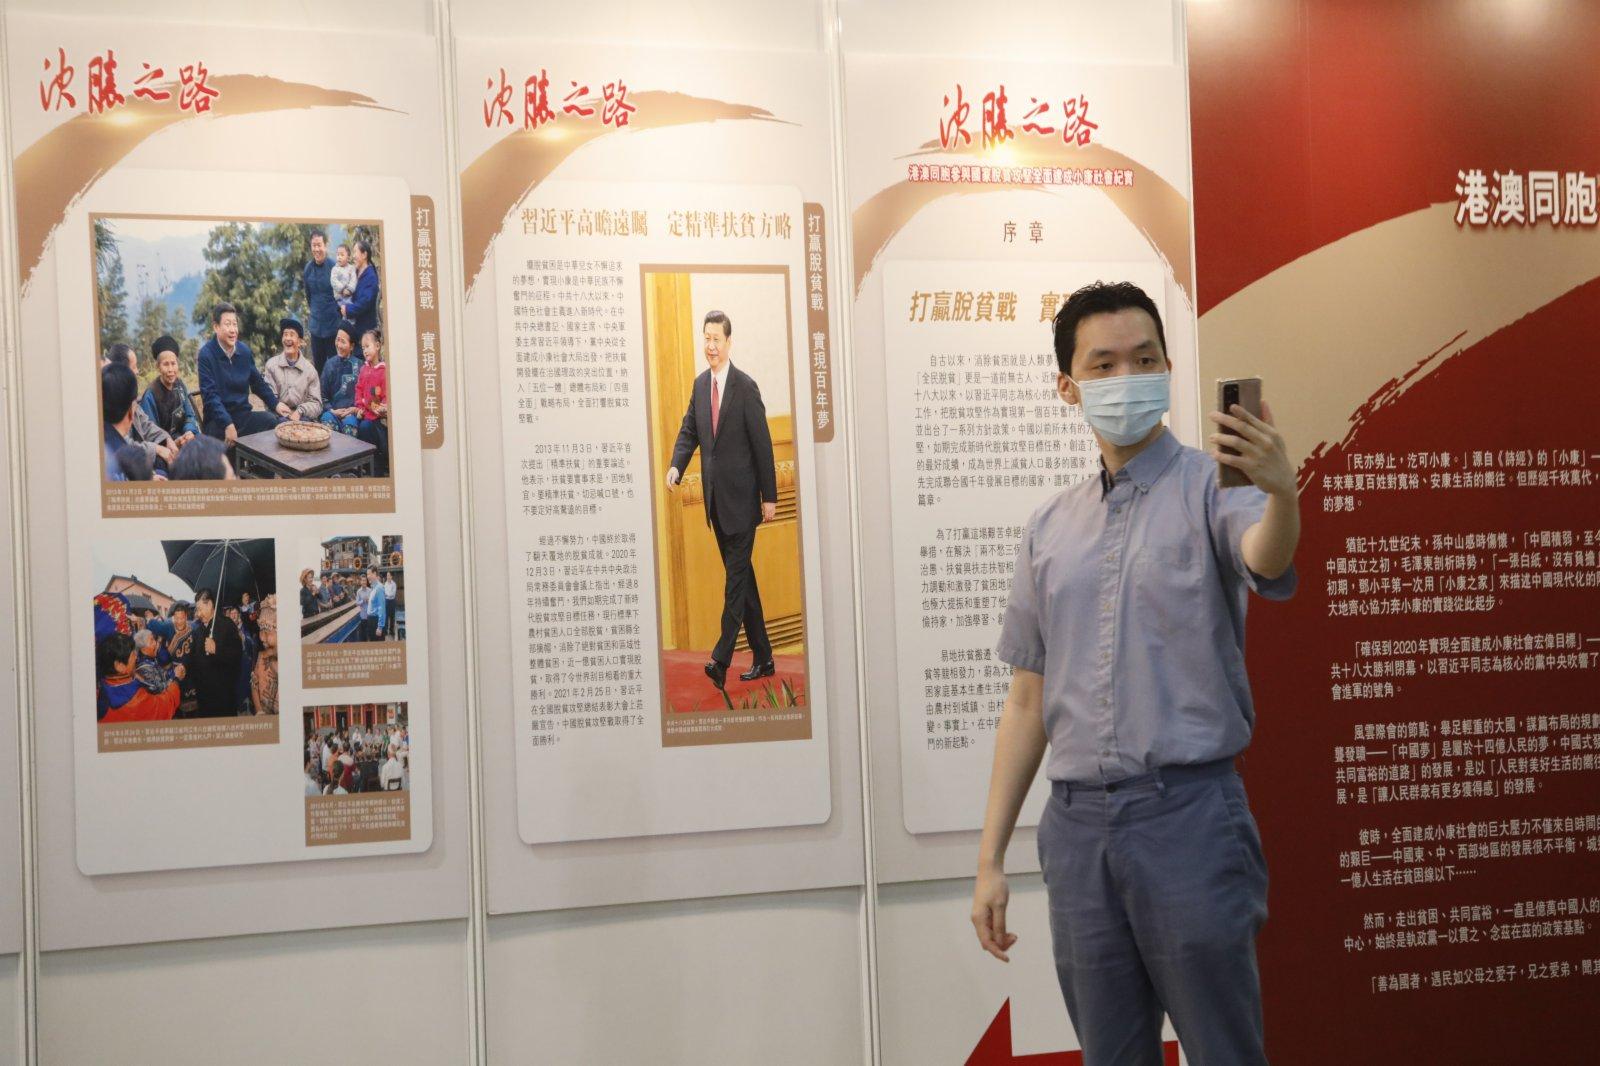 一位參觀者在展板前拍攝。大公文匯全媒體記者 攝